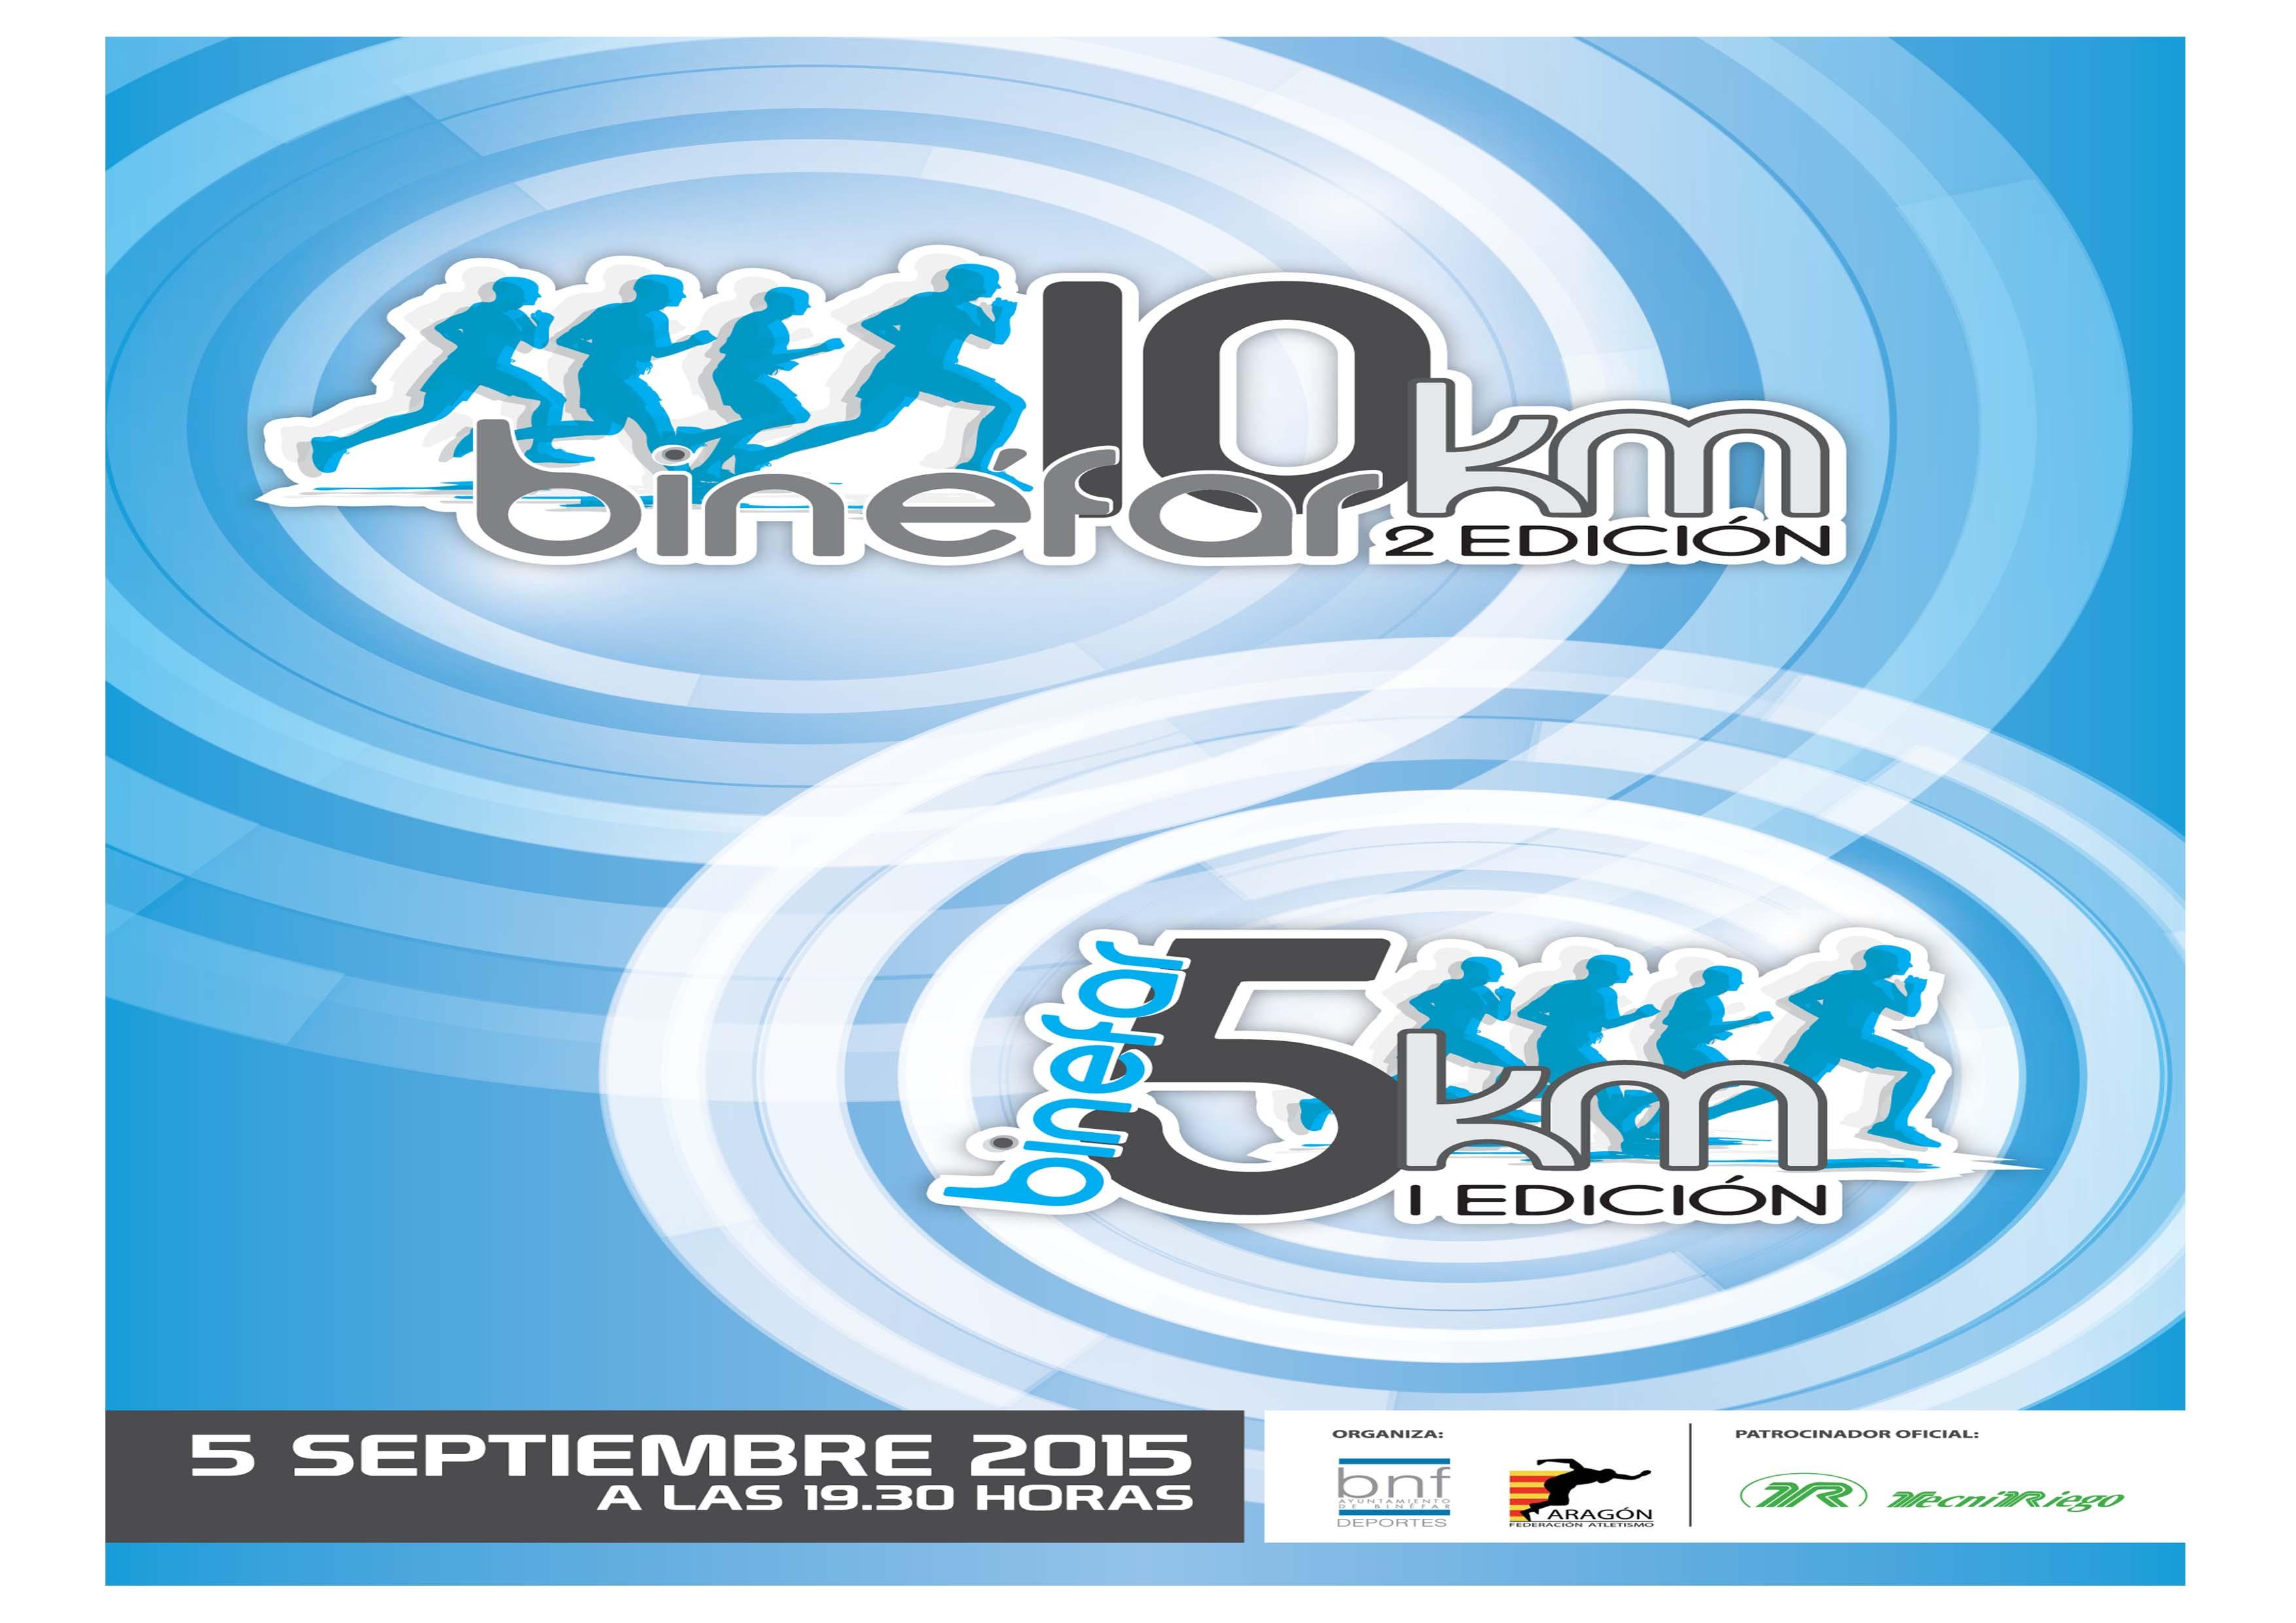 CARRERA 5K Y 10K BINEFAR SEPTIEMBRE 2015